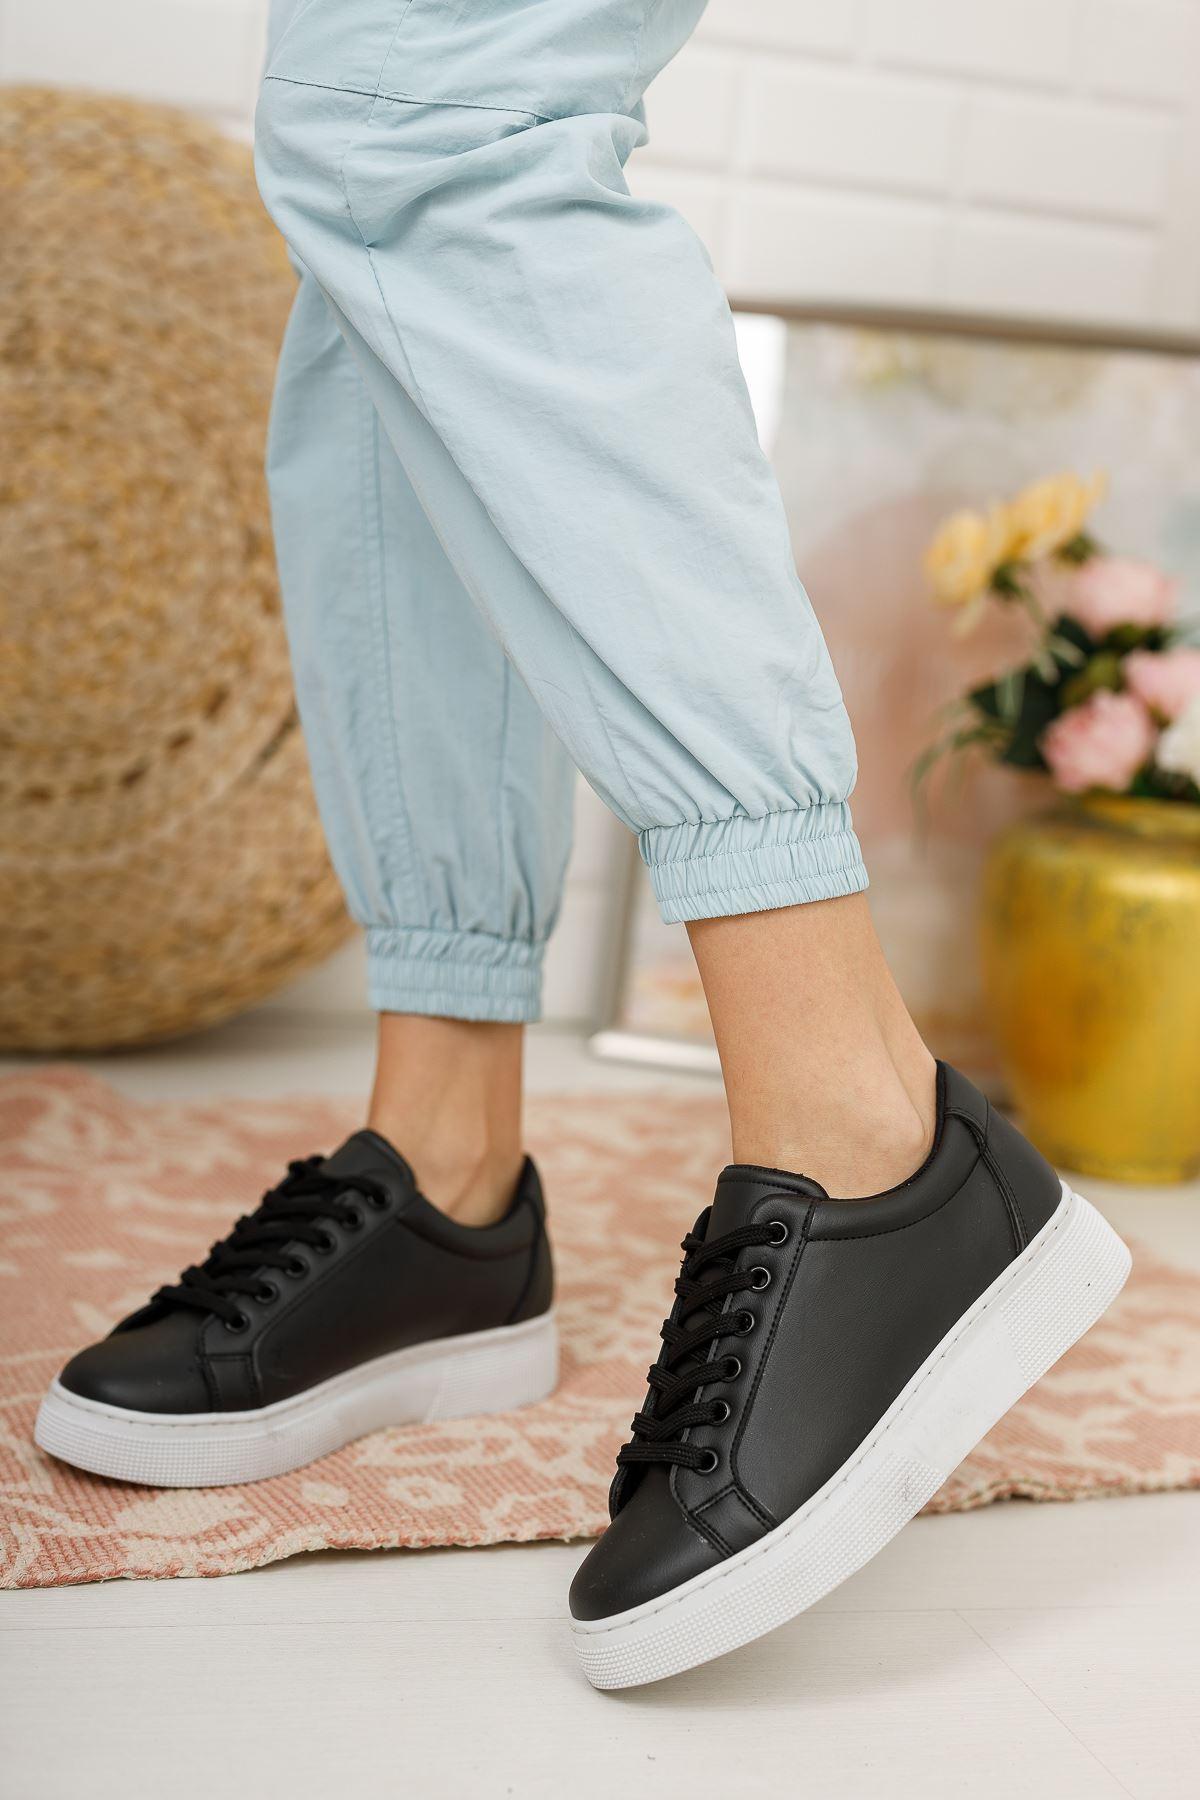 Kadın Ammar Kalın Taban Bağcıklı Siyah Spor Ayakkabı